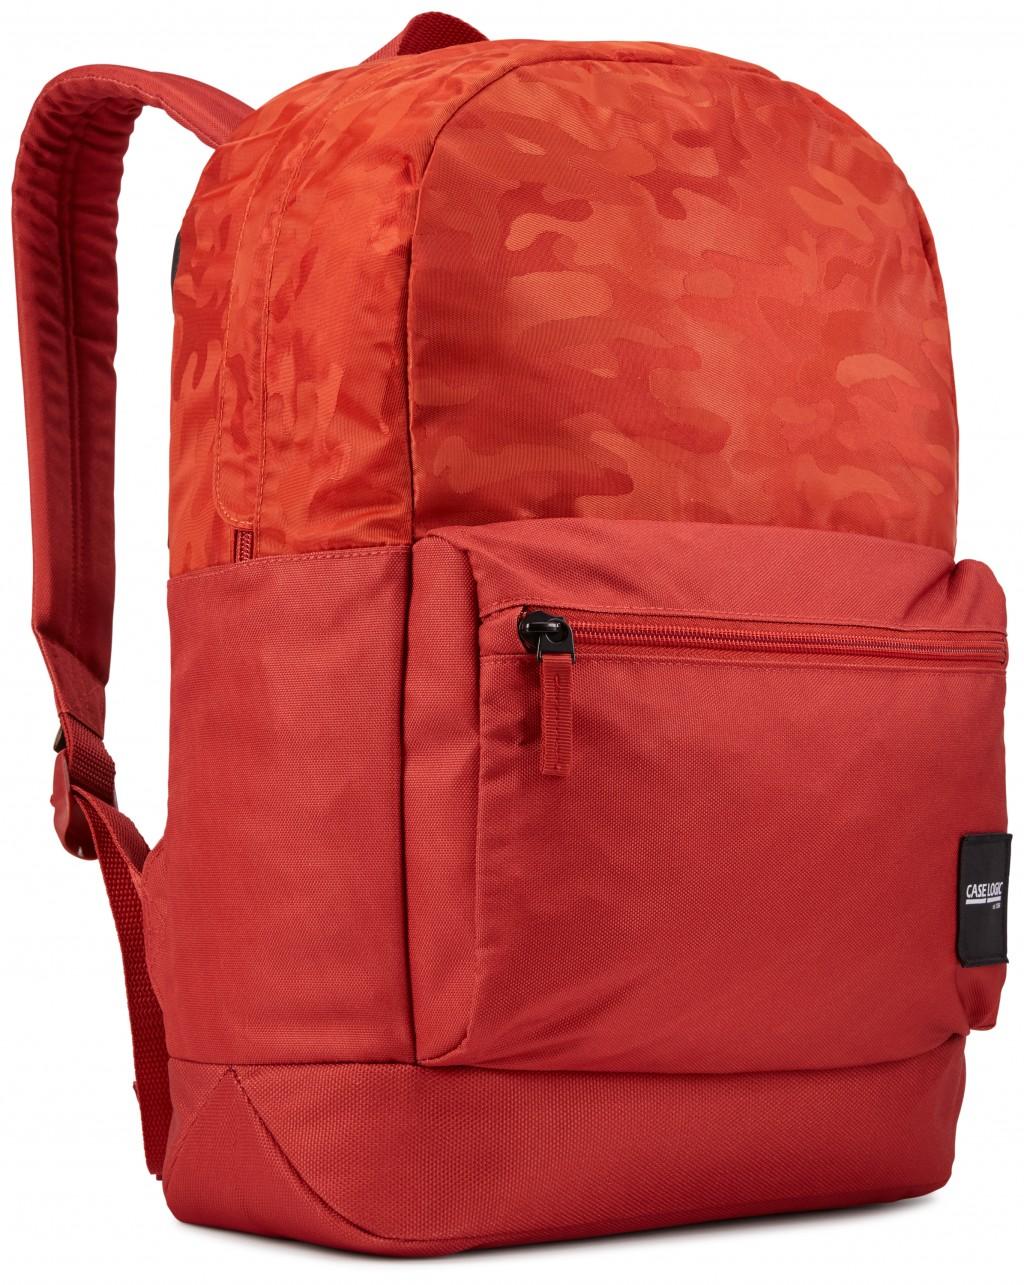 Case Logic Founder CCAM-2126 Red, 26 L, Shoulder strap, Backpack